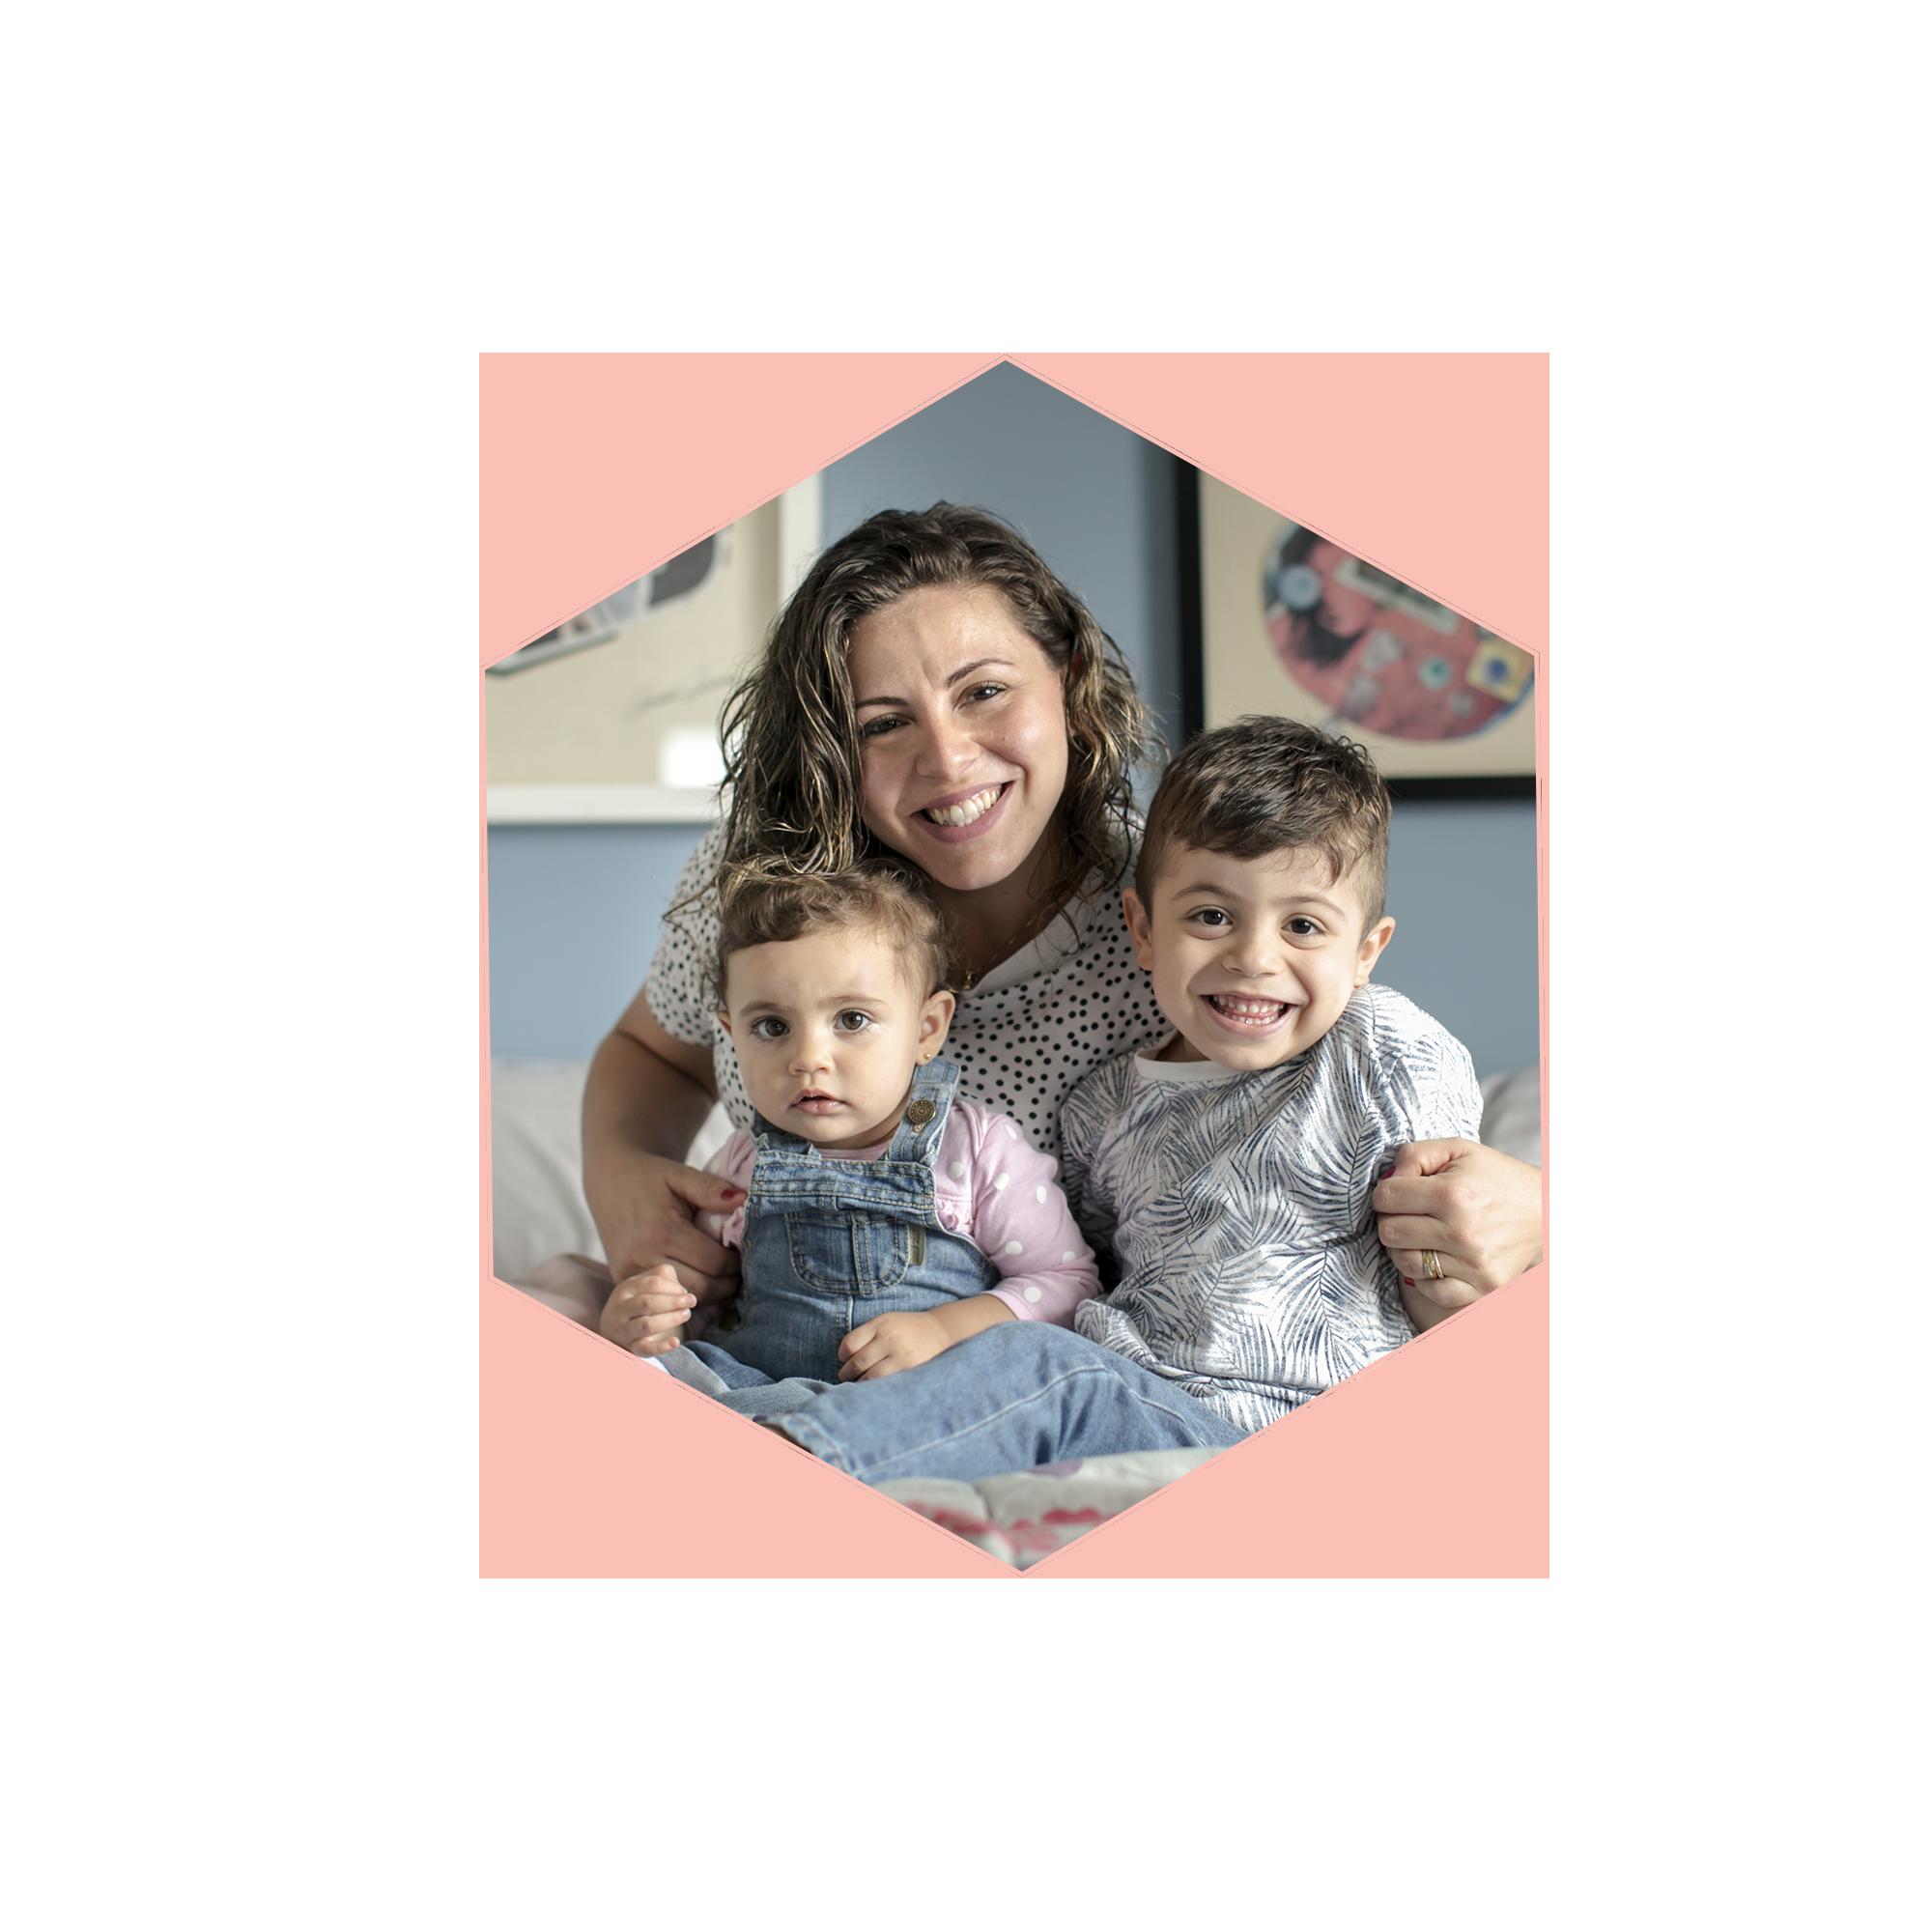 Sobre Arteando Fotografia - Julia Salles - Fotógrafa de crianças, famílias e festinhas